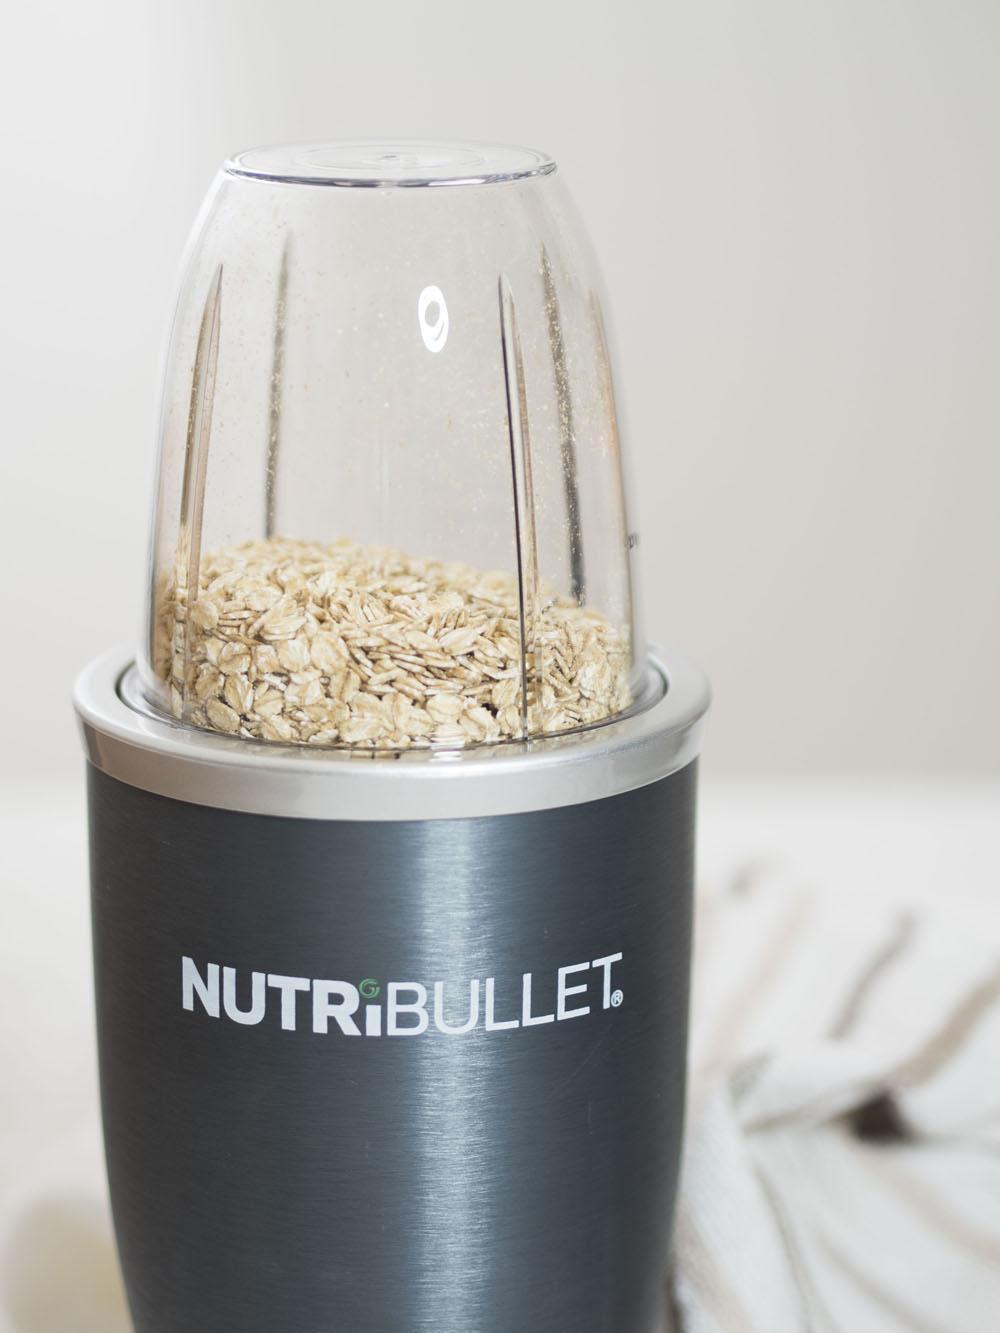 AO.com Nutribullet Healthy Blender Pancakes Recipe